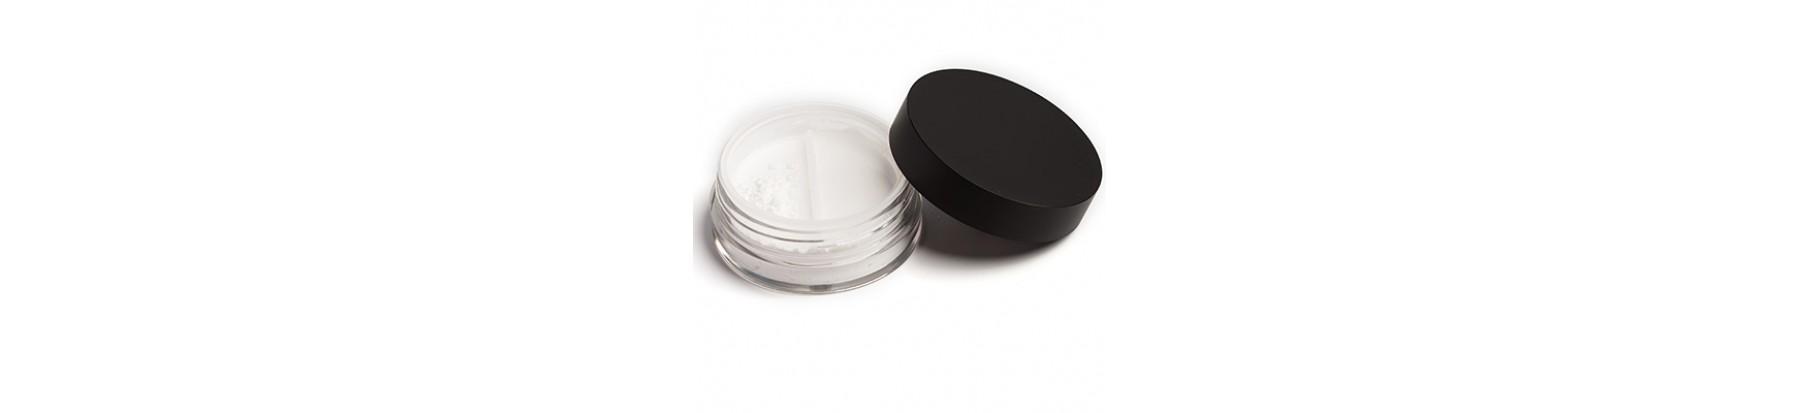 Минеральная вуаль  Heavenly Mineral Makeup в интернет-магазине MineralMix